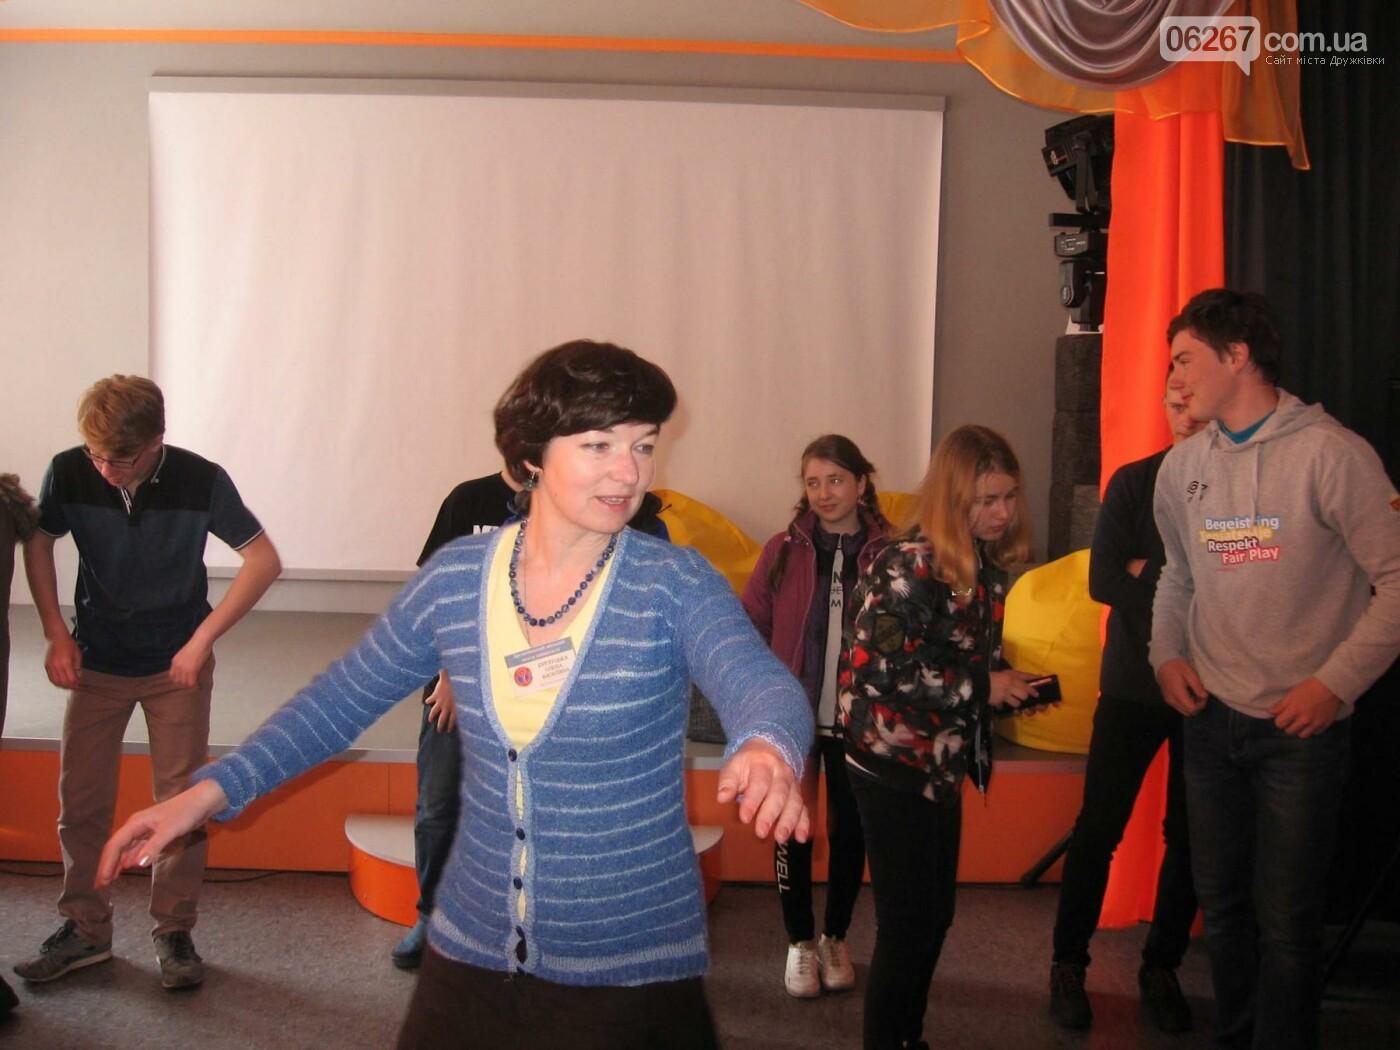 Квест в помощь: Дружковские школьники в интерактивной форме выбирают будущую профессию, фото-2